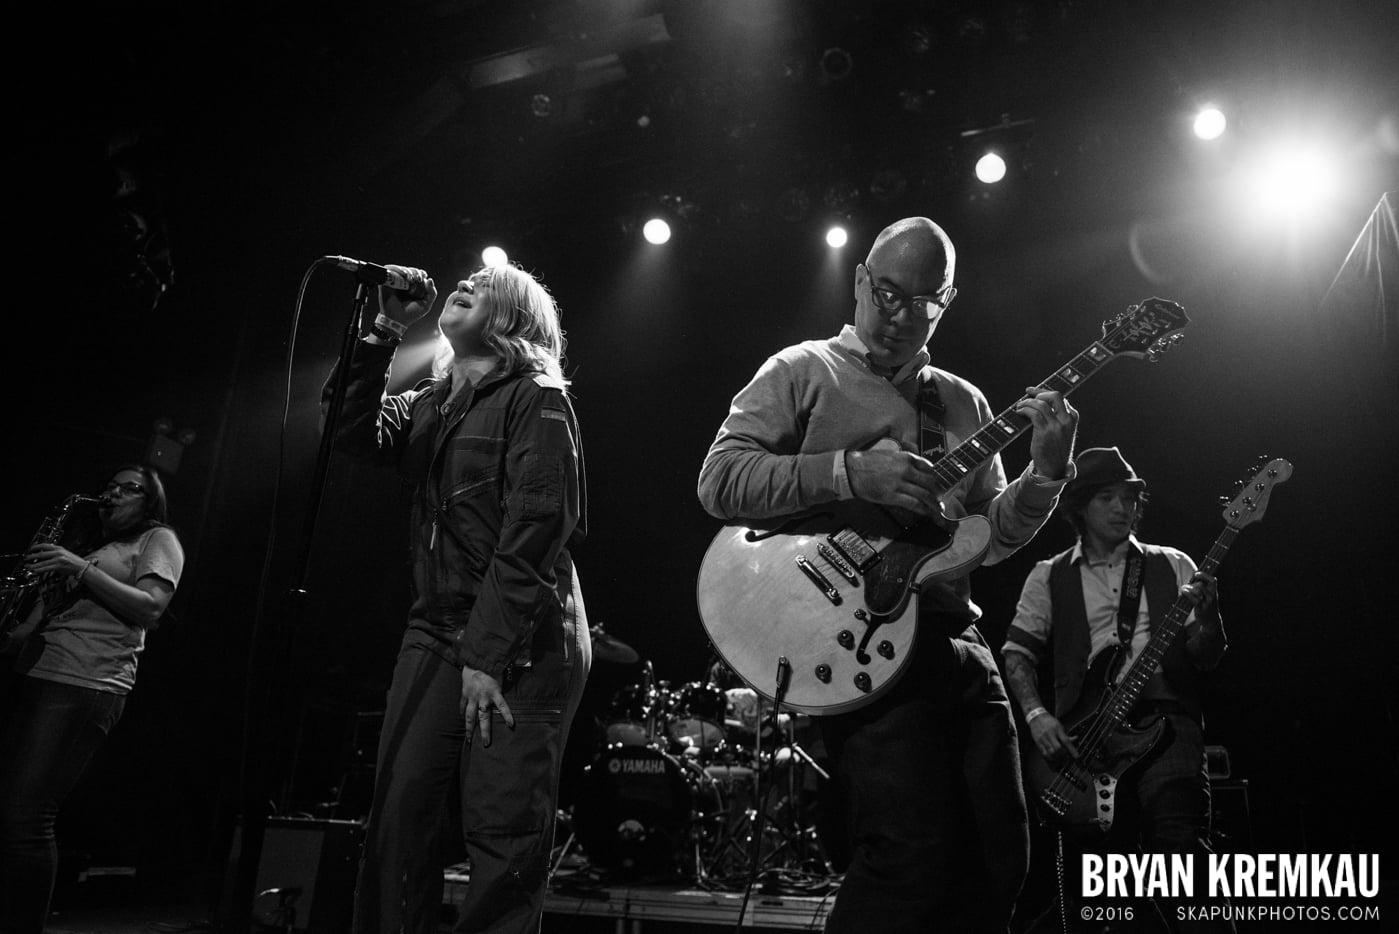 Metro Stylee @ Gramercy Theatre, NYC - 1.19.14 (8)